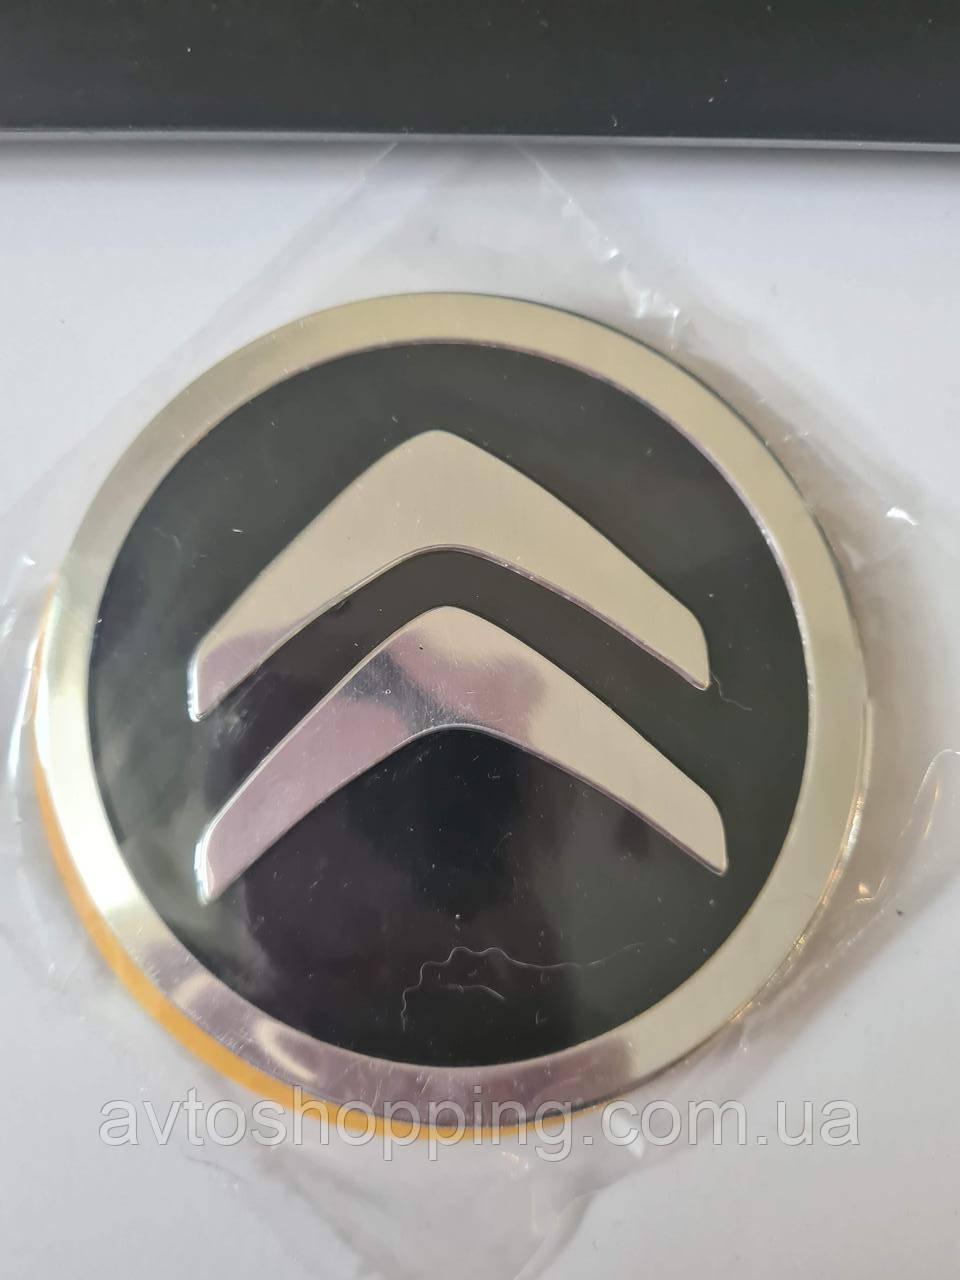 Наклейки на колпачки, заглушки, наклейки на диски 90 мм Citroen Ситроен